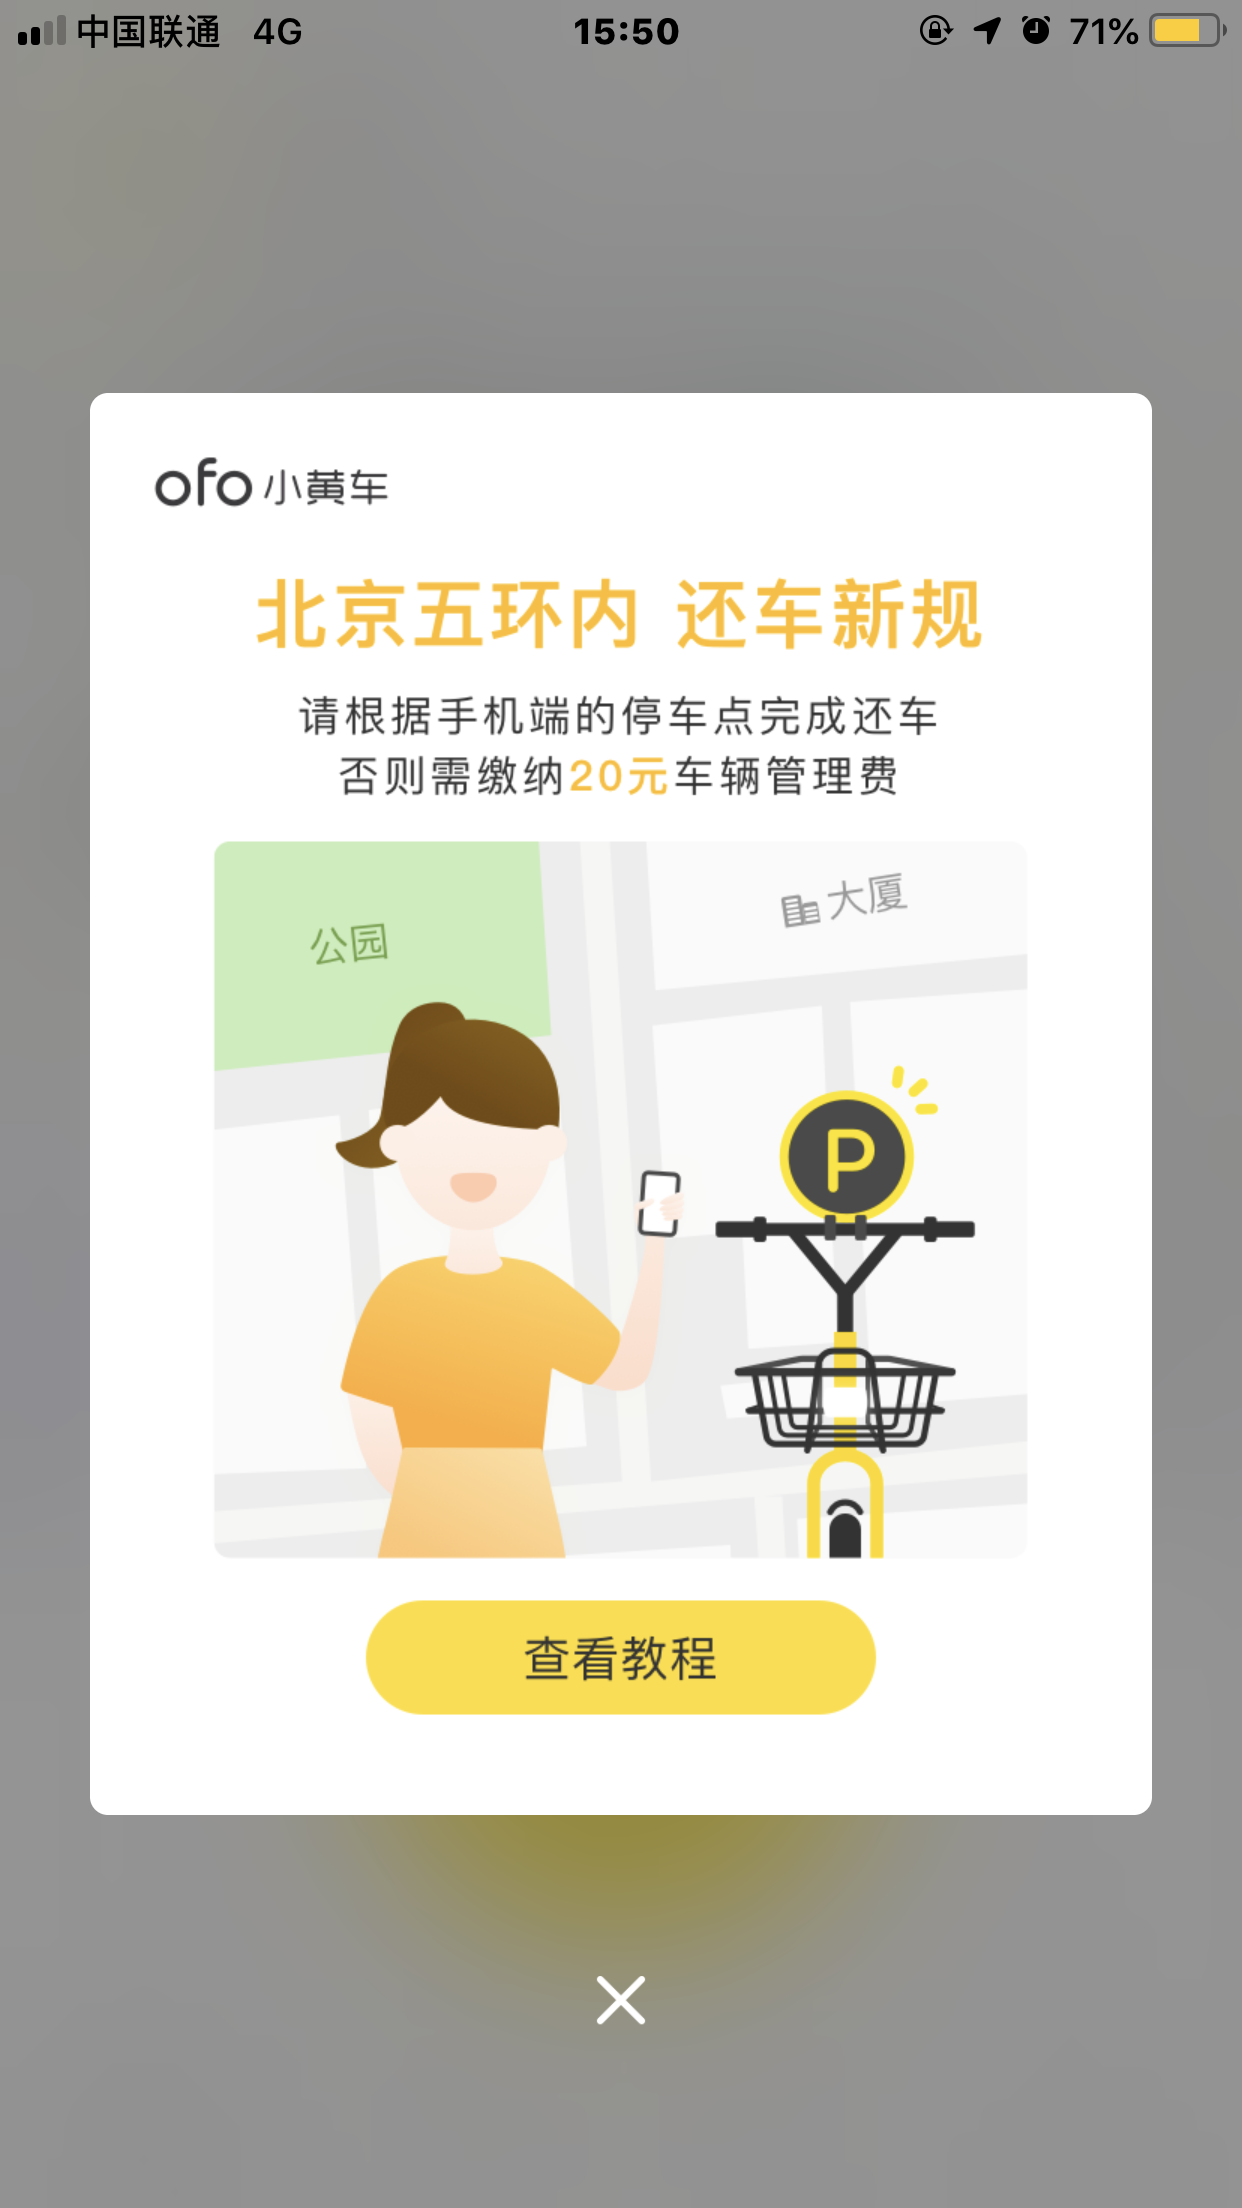 ofo小黄车在北京上线有桩模式 违规最高罚20元